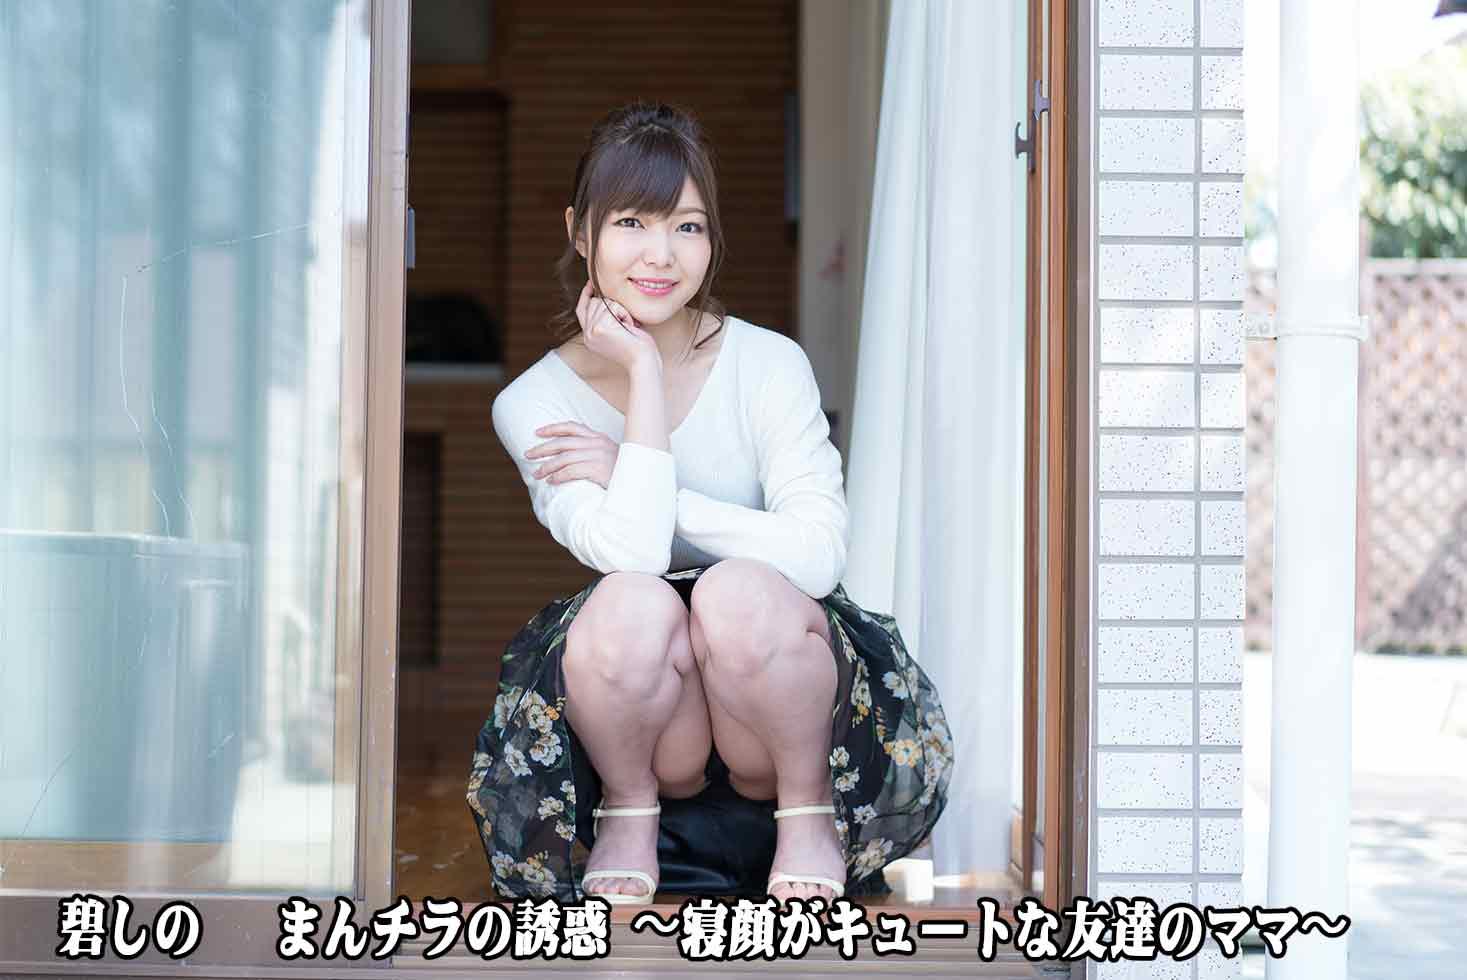 まんチラの誘惑 〜寝顔がキュートな友達のママ〜:碧しの